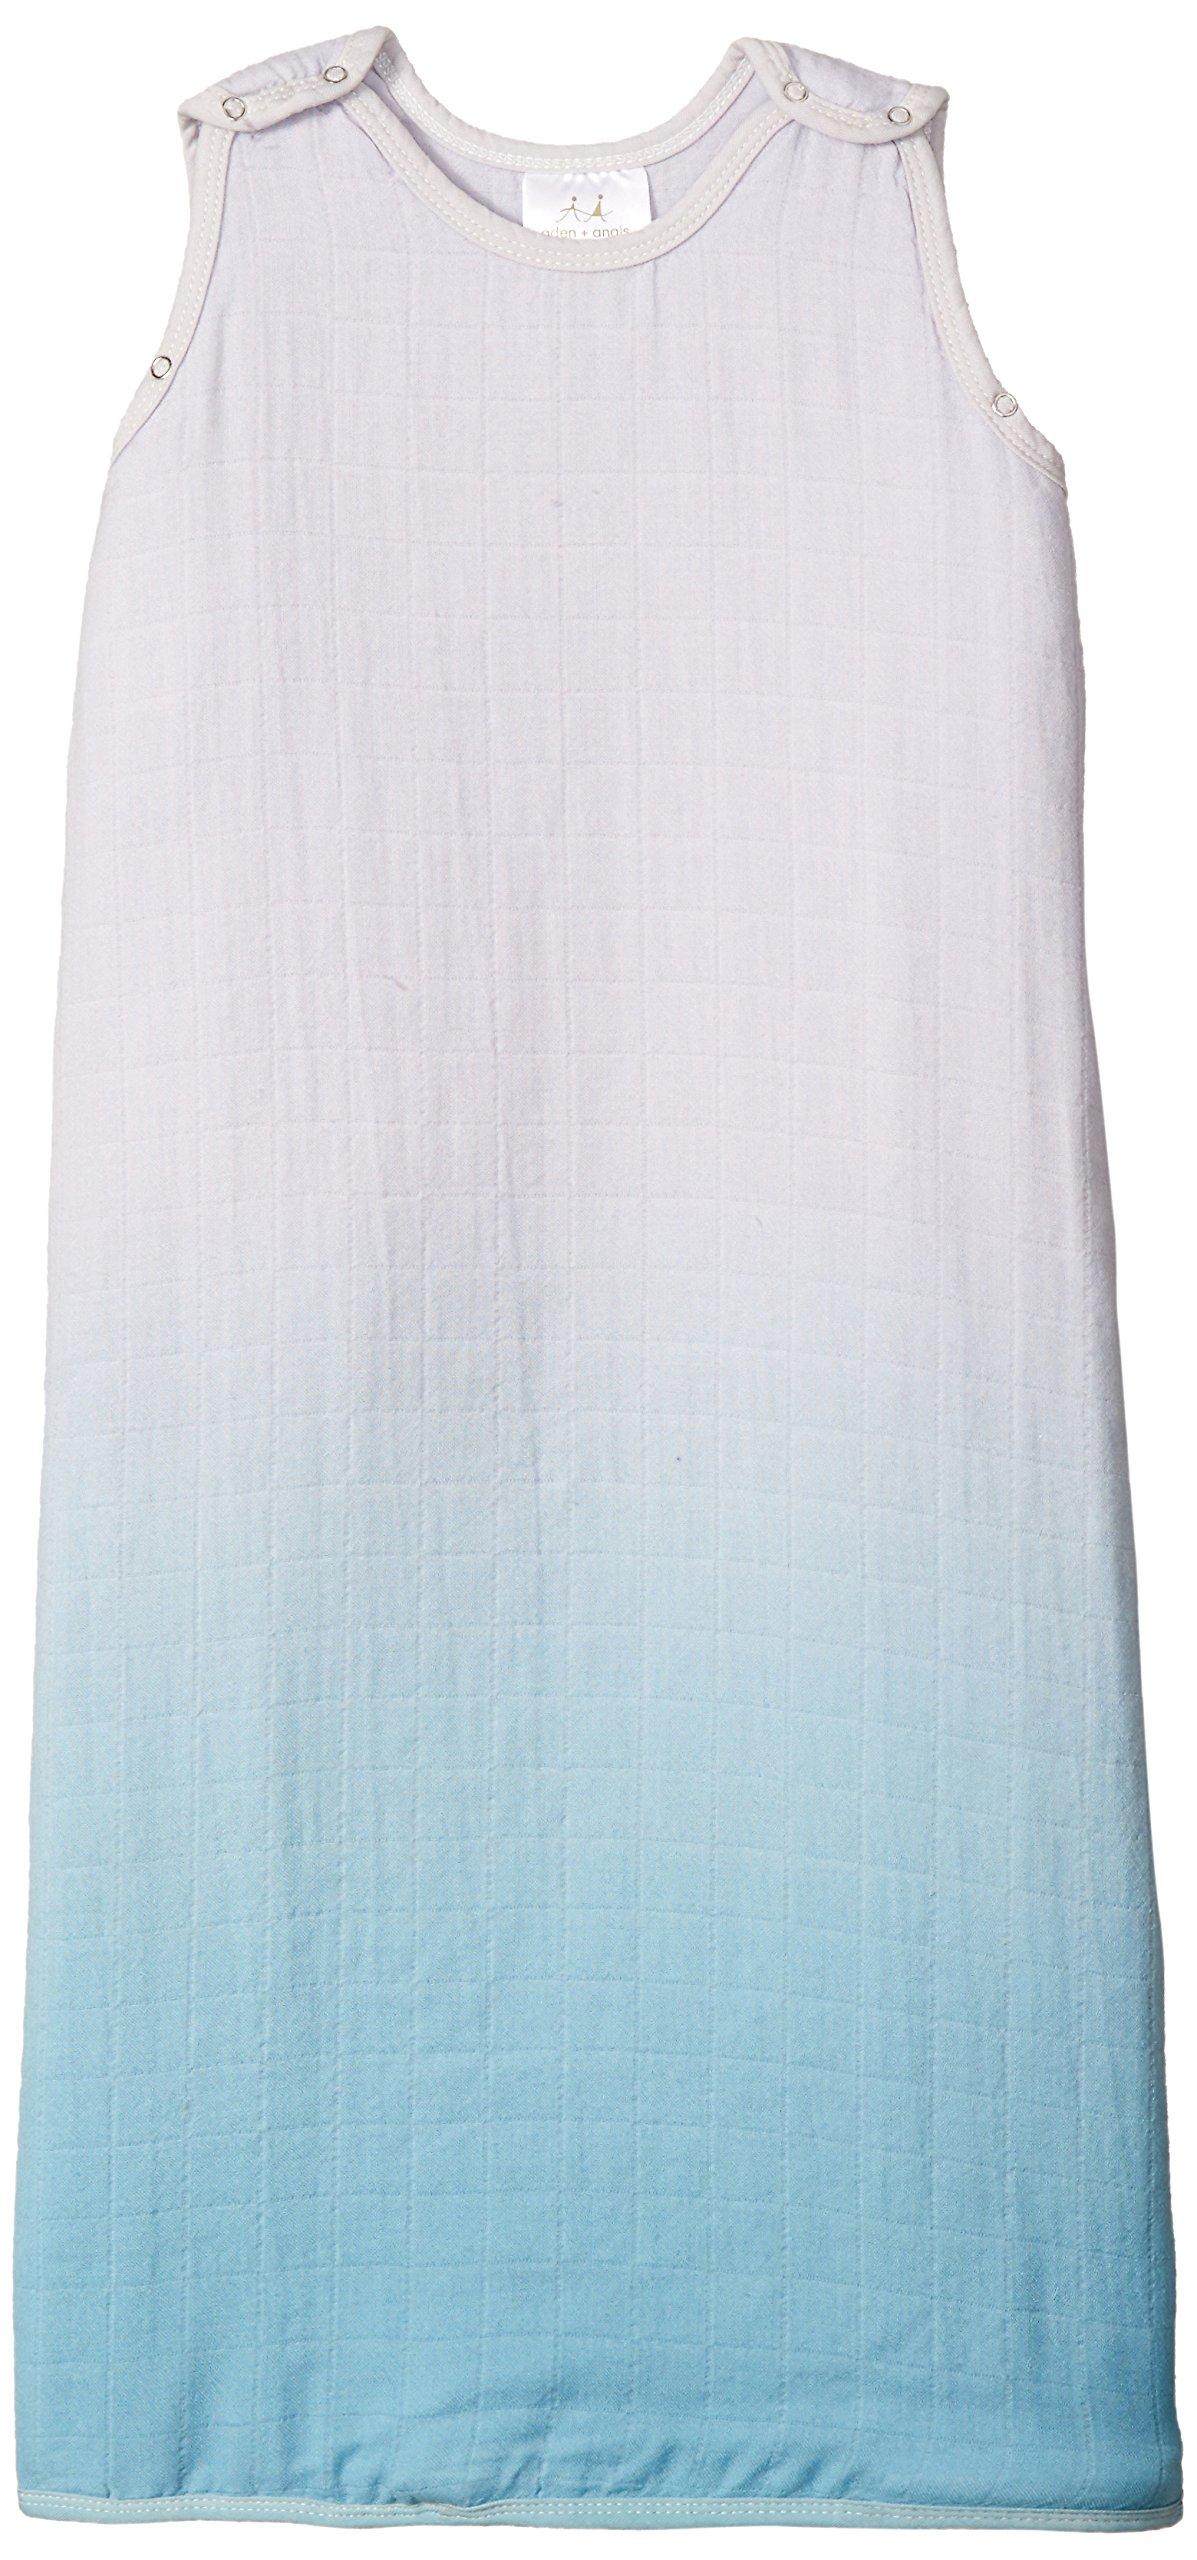 aden + anais Merino Muslin Sleeping Bag, Seaside, Small by aden + anais (Image #1)